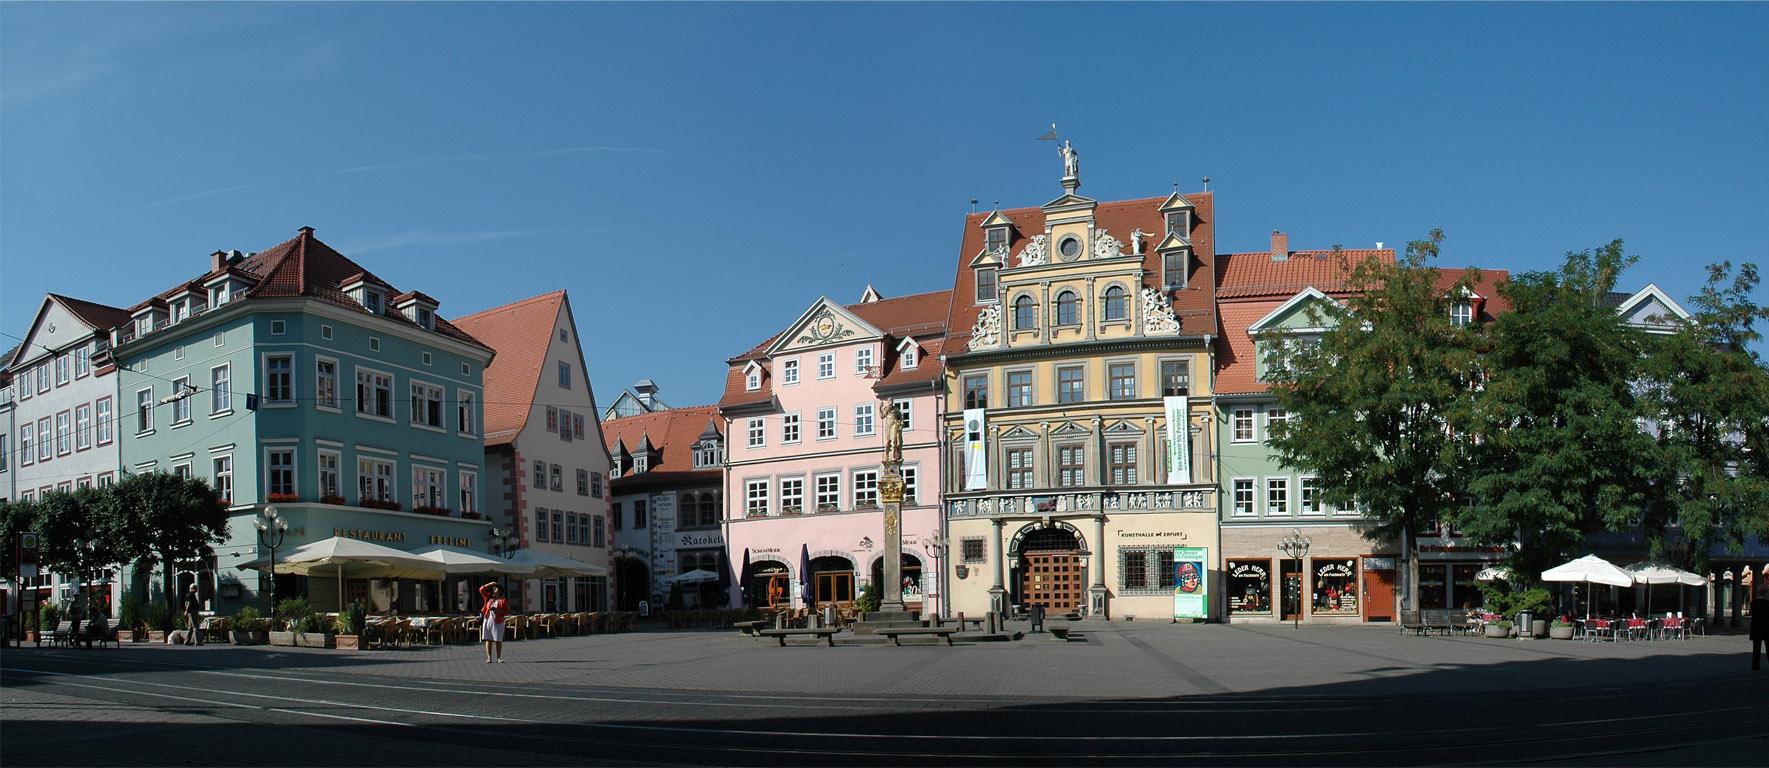 Эрфурт Германия о городе и достопримечательностях с фото